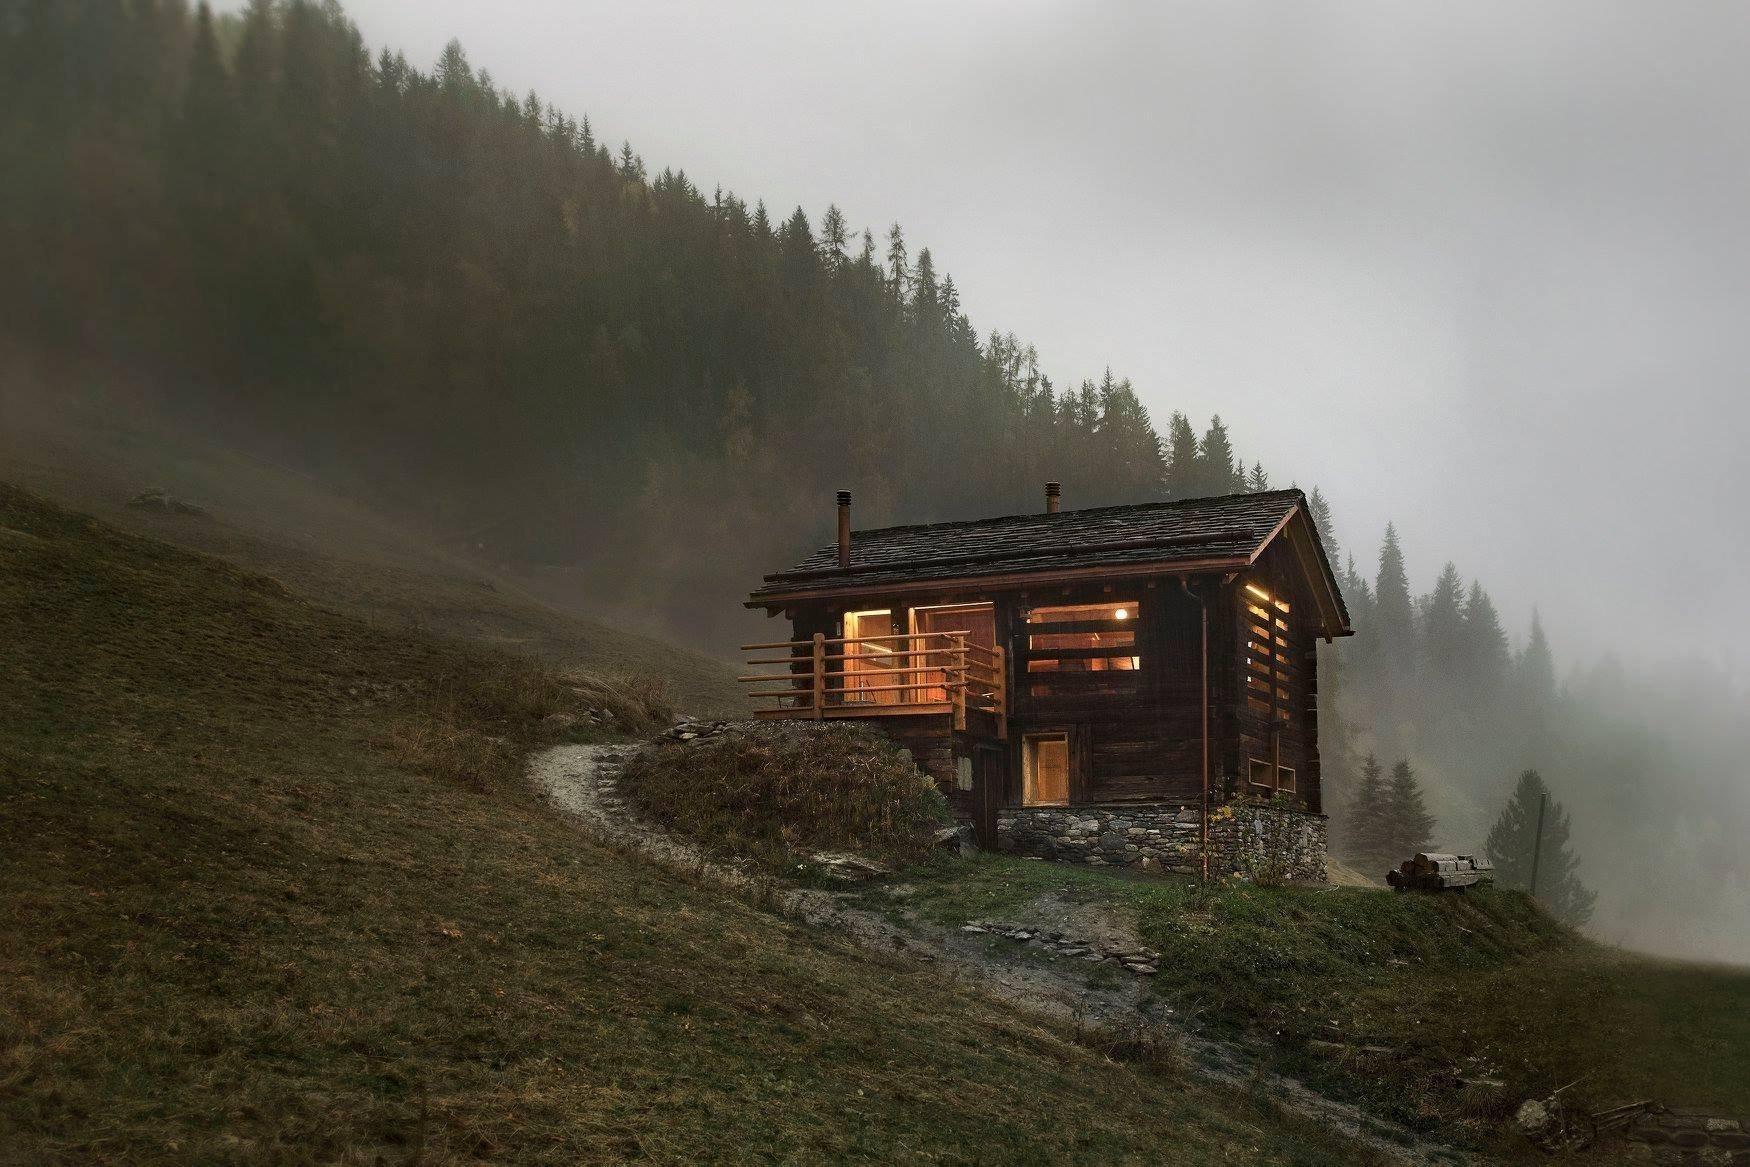 Proměna horské chaty byla pro architekty ze studia Alp'Architecture Sàrl příjemnou výzvou. Po jejich vkusném zásahu tu vzniklo moderní bydlení oslavující přirozenou krásu dřeva. Jak se asi odpočívá v téhle chatě obklopené švýcarským Val de Bagnes?